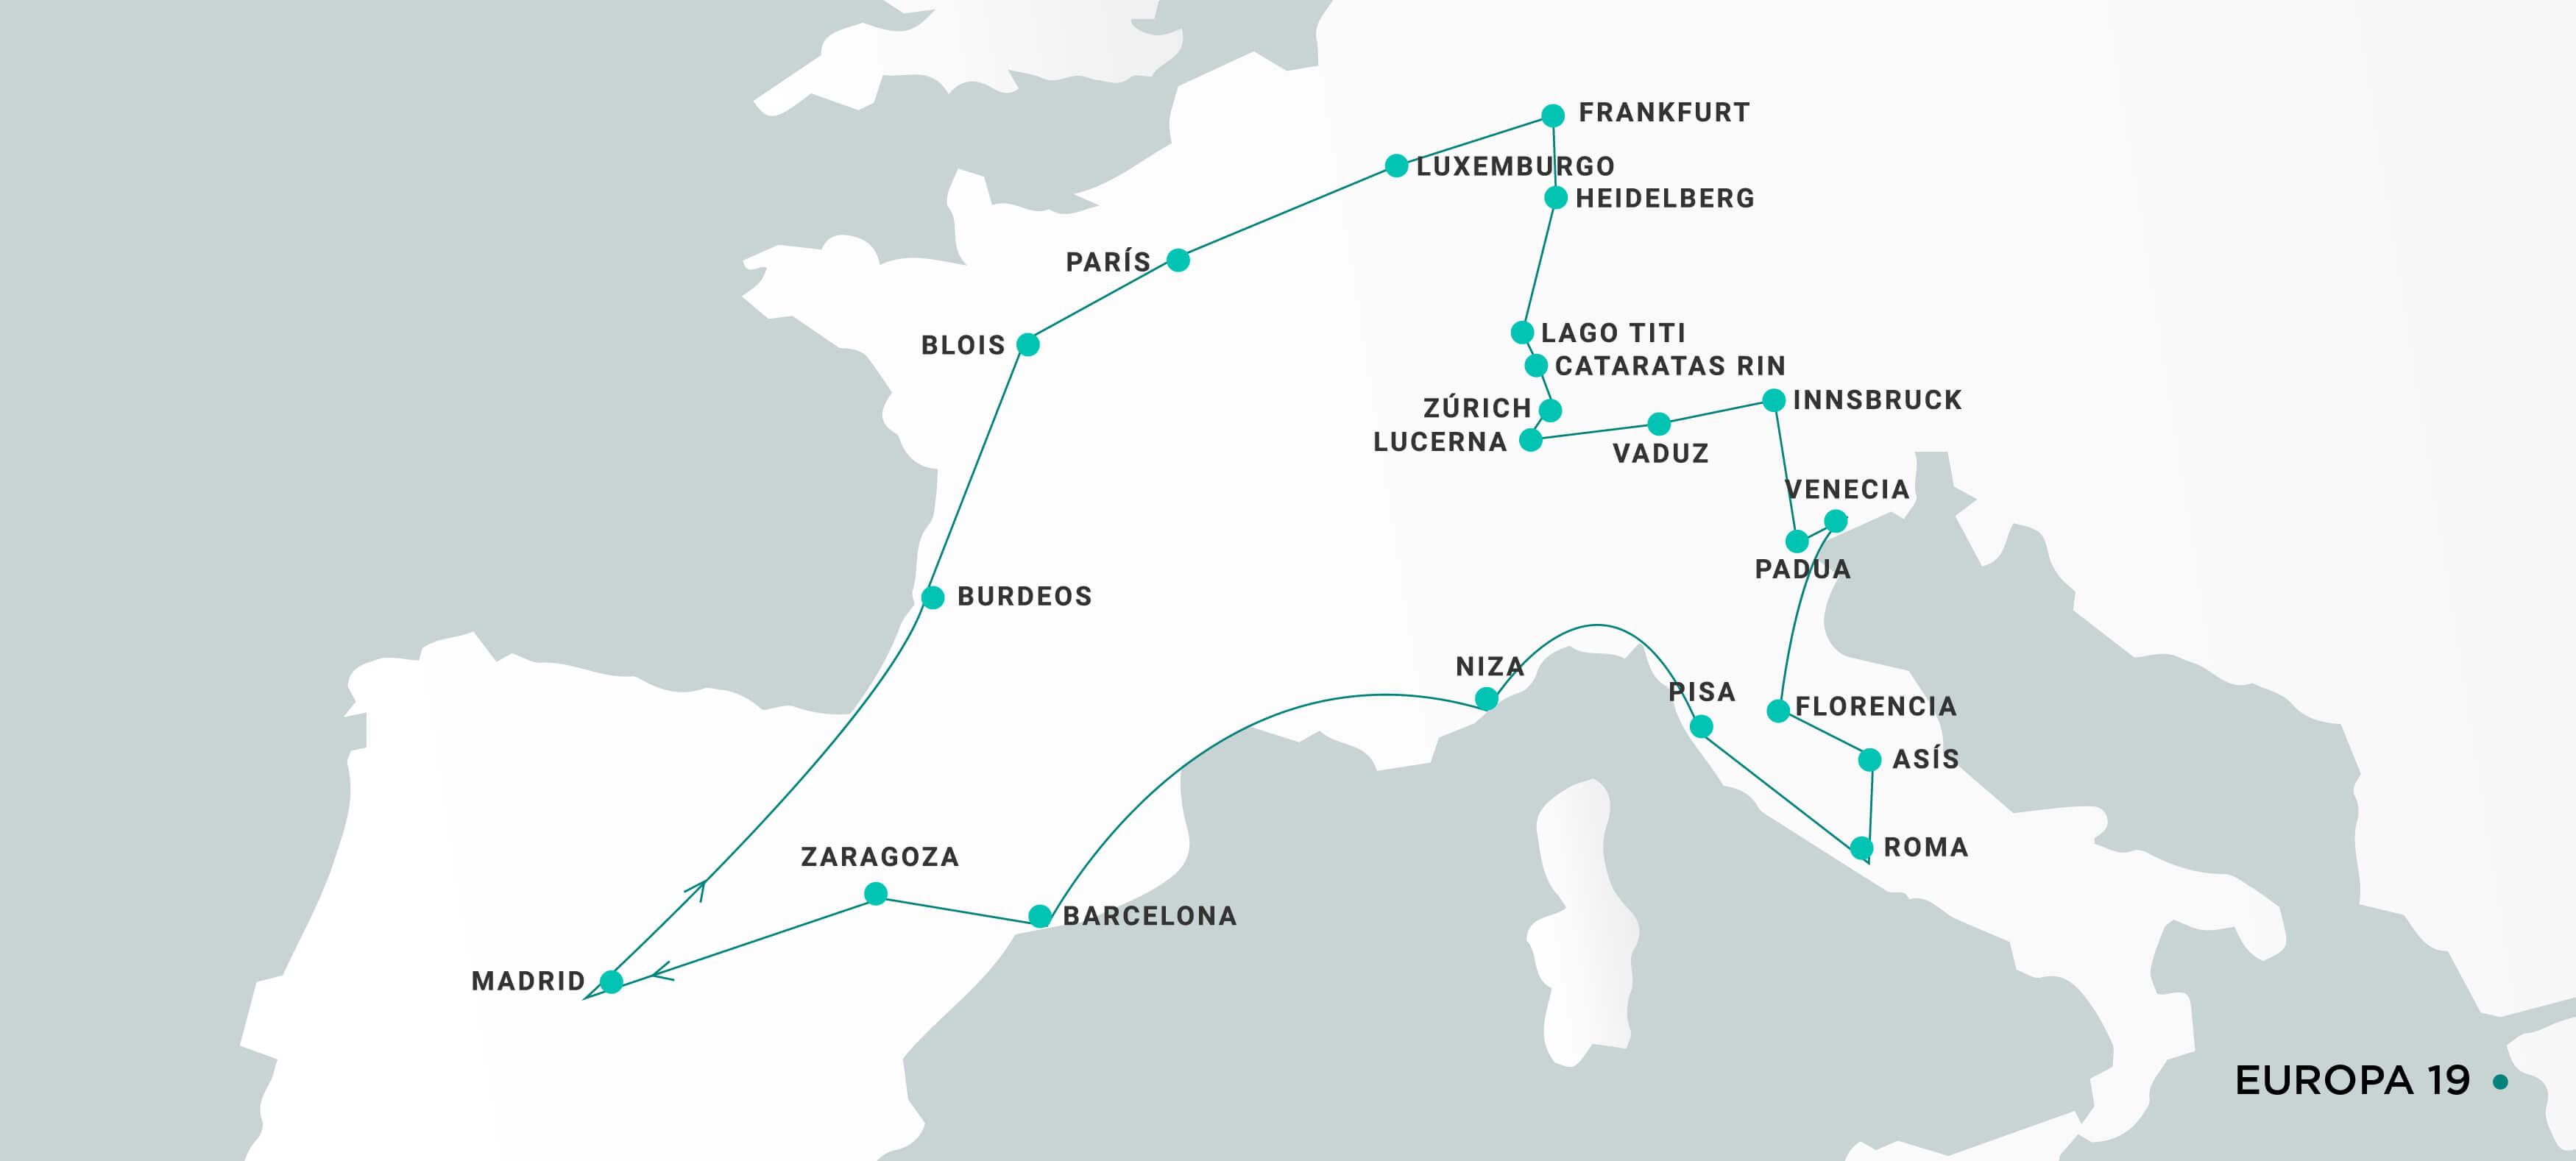 Mapa Europa19